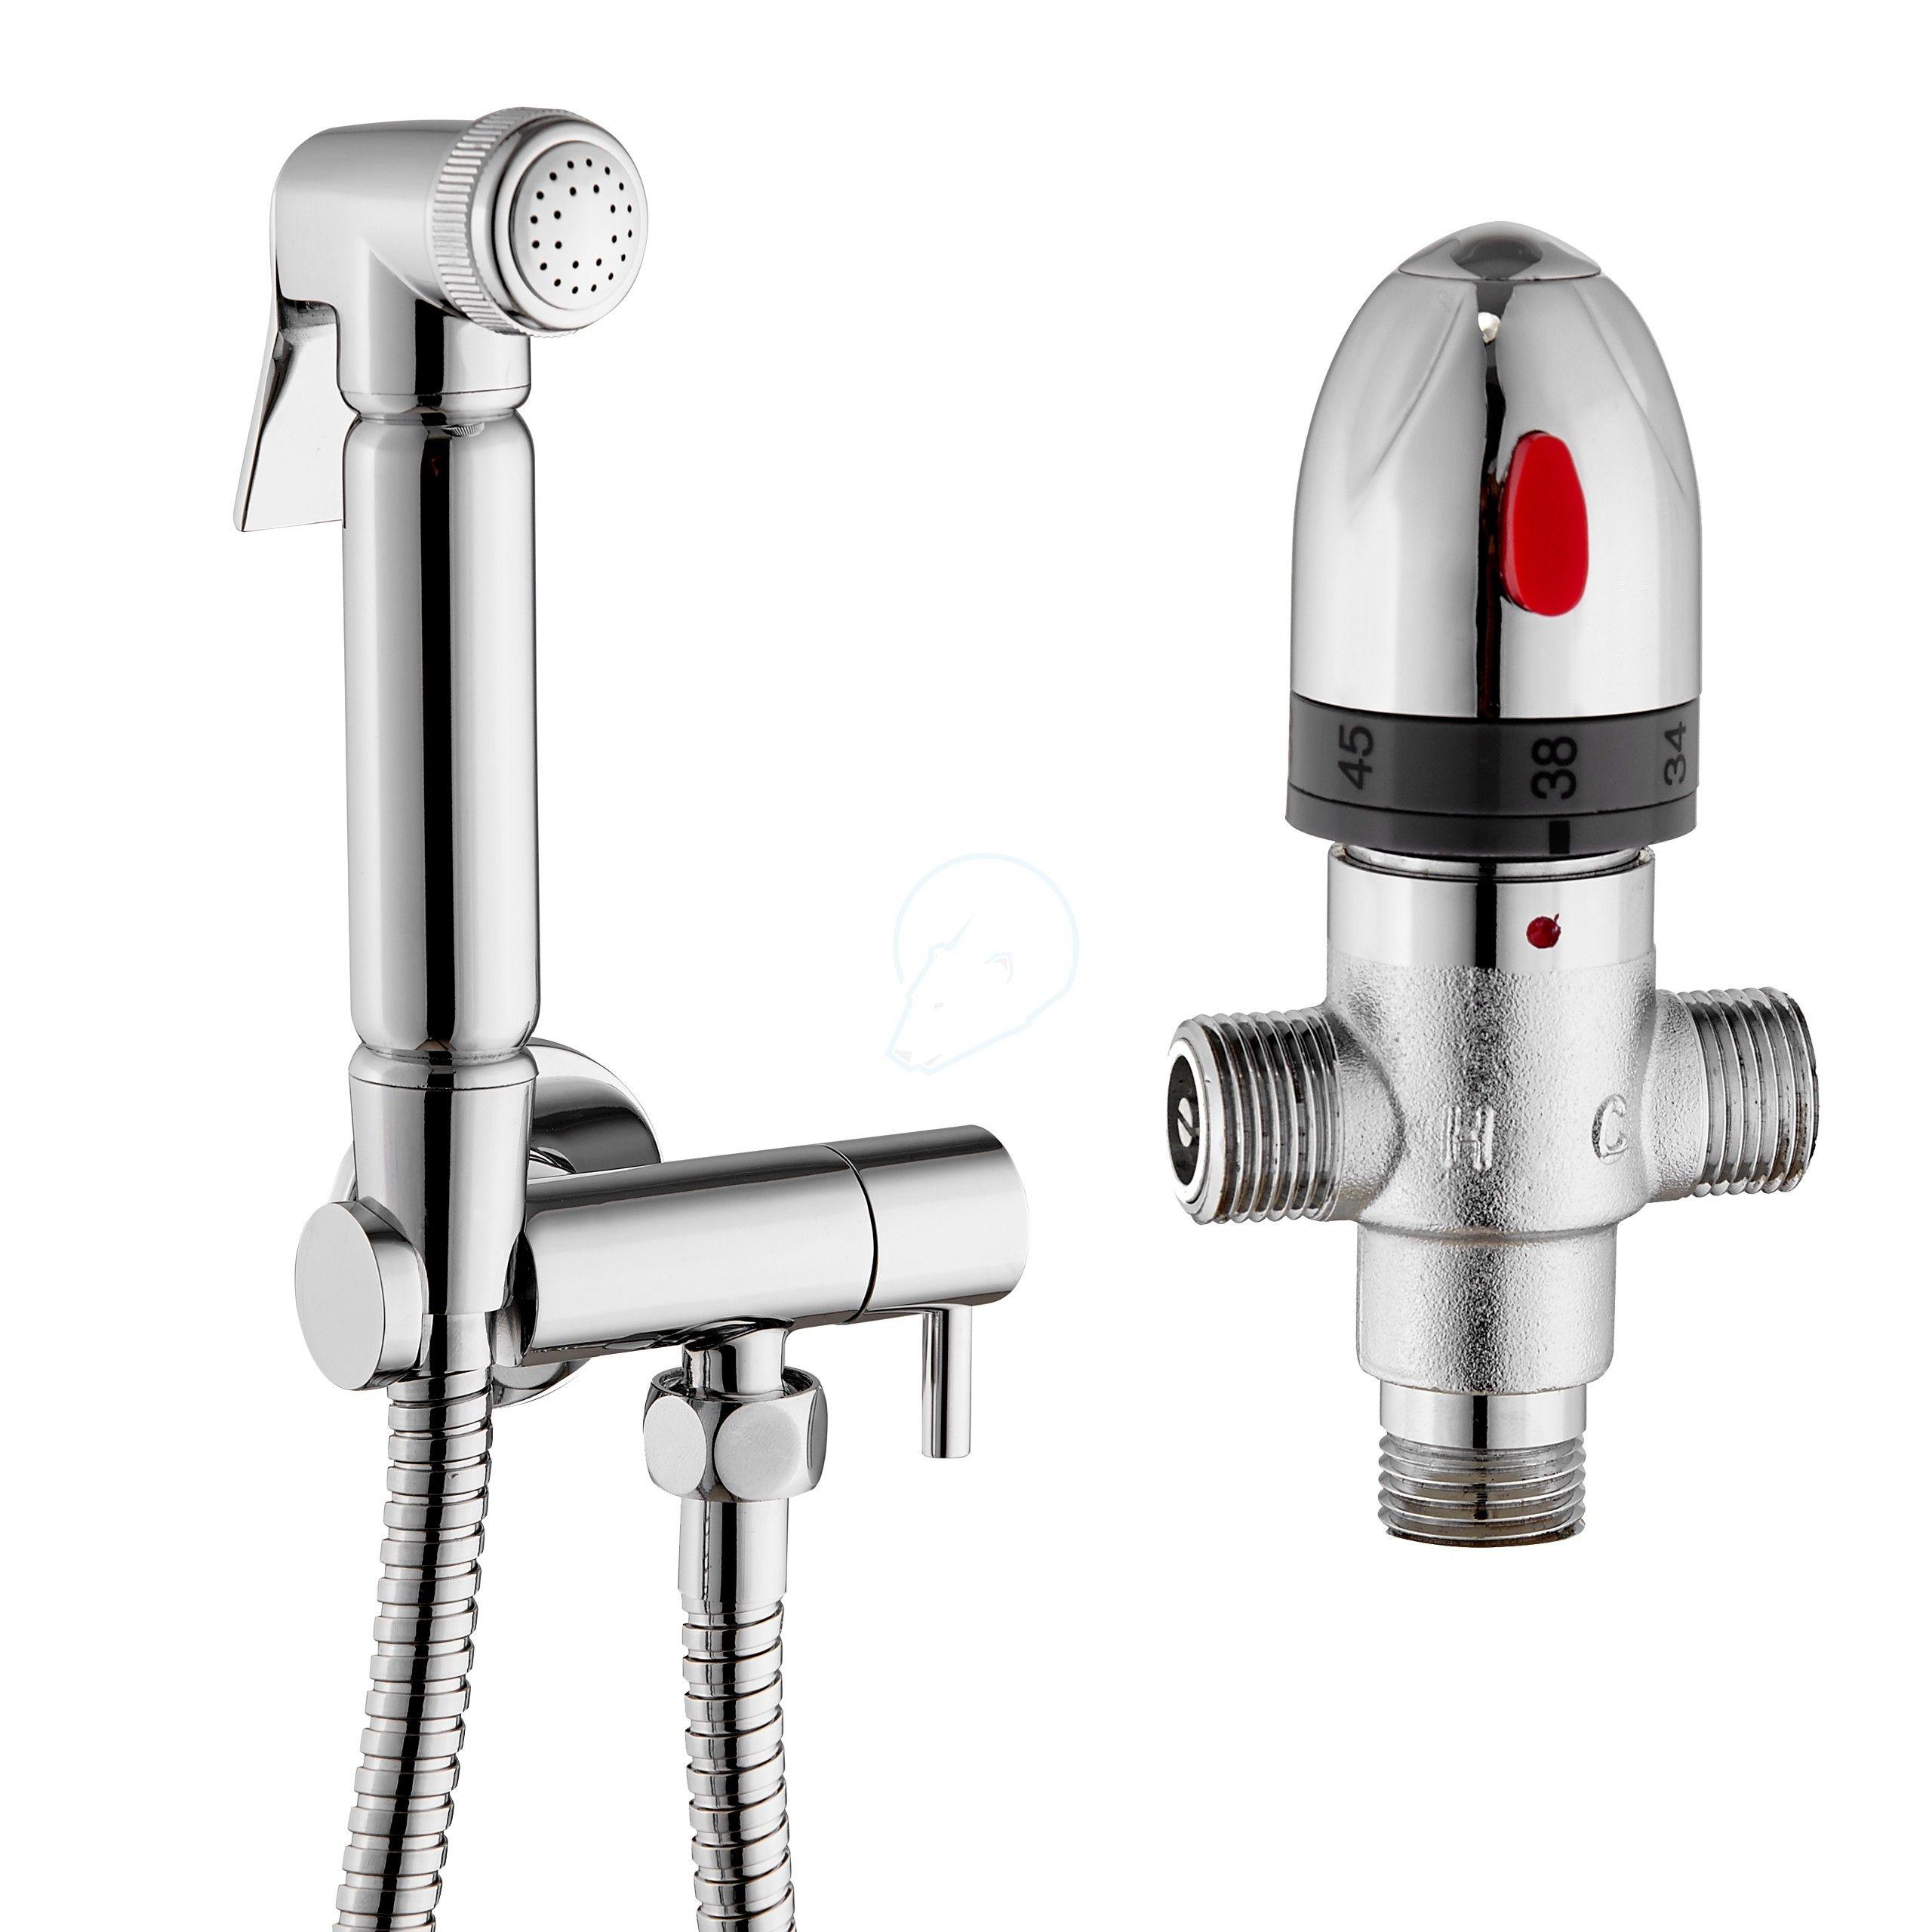 Brass Bidet Sprayer Shattaf Shower with Shut off Water